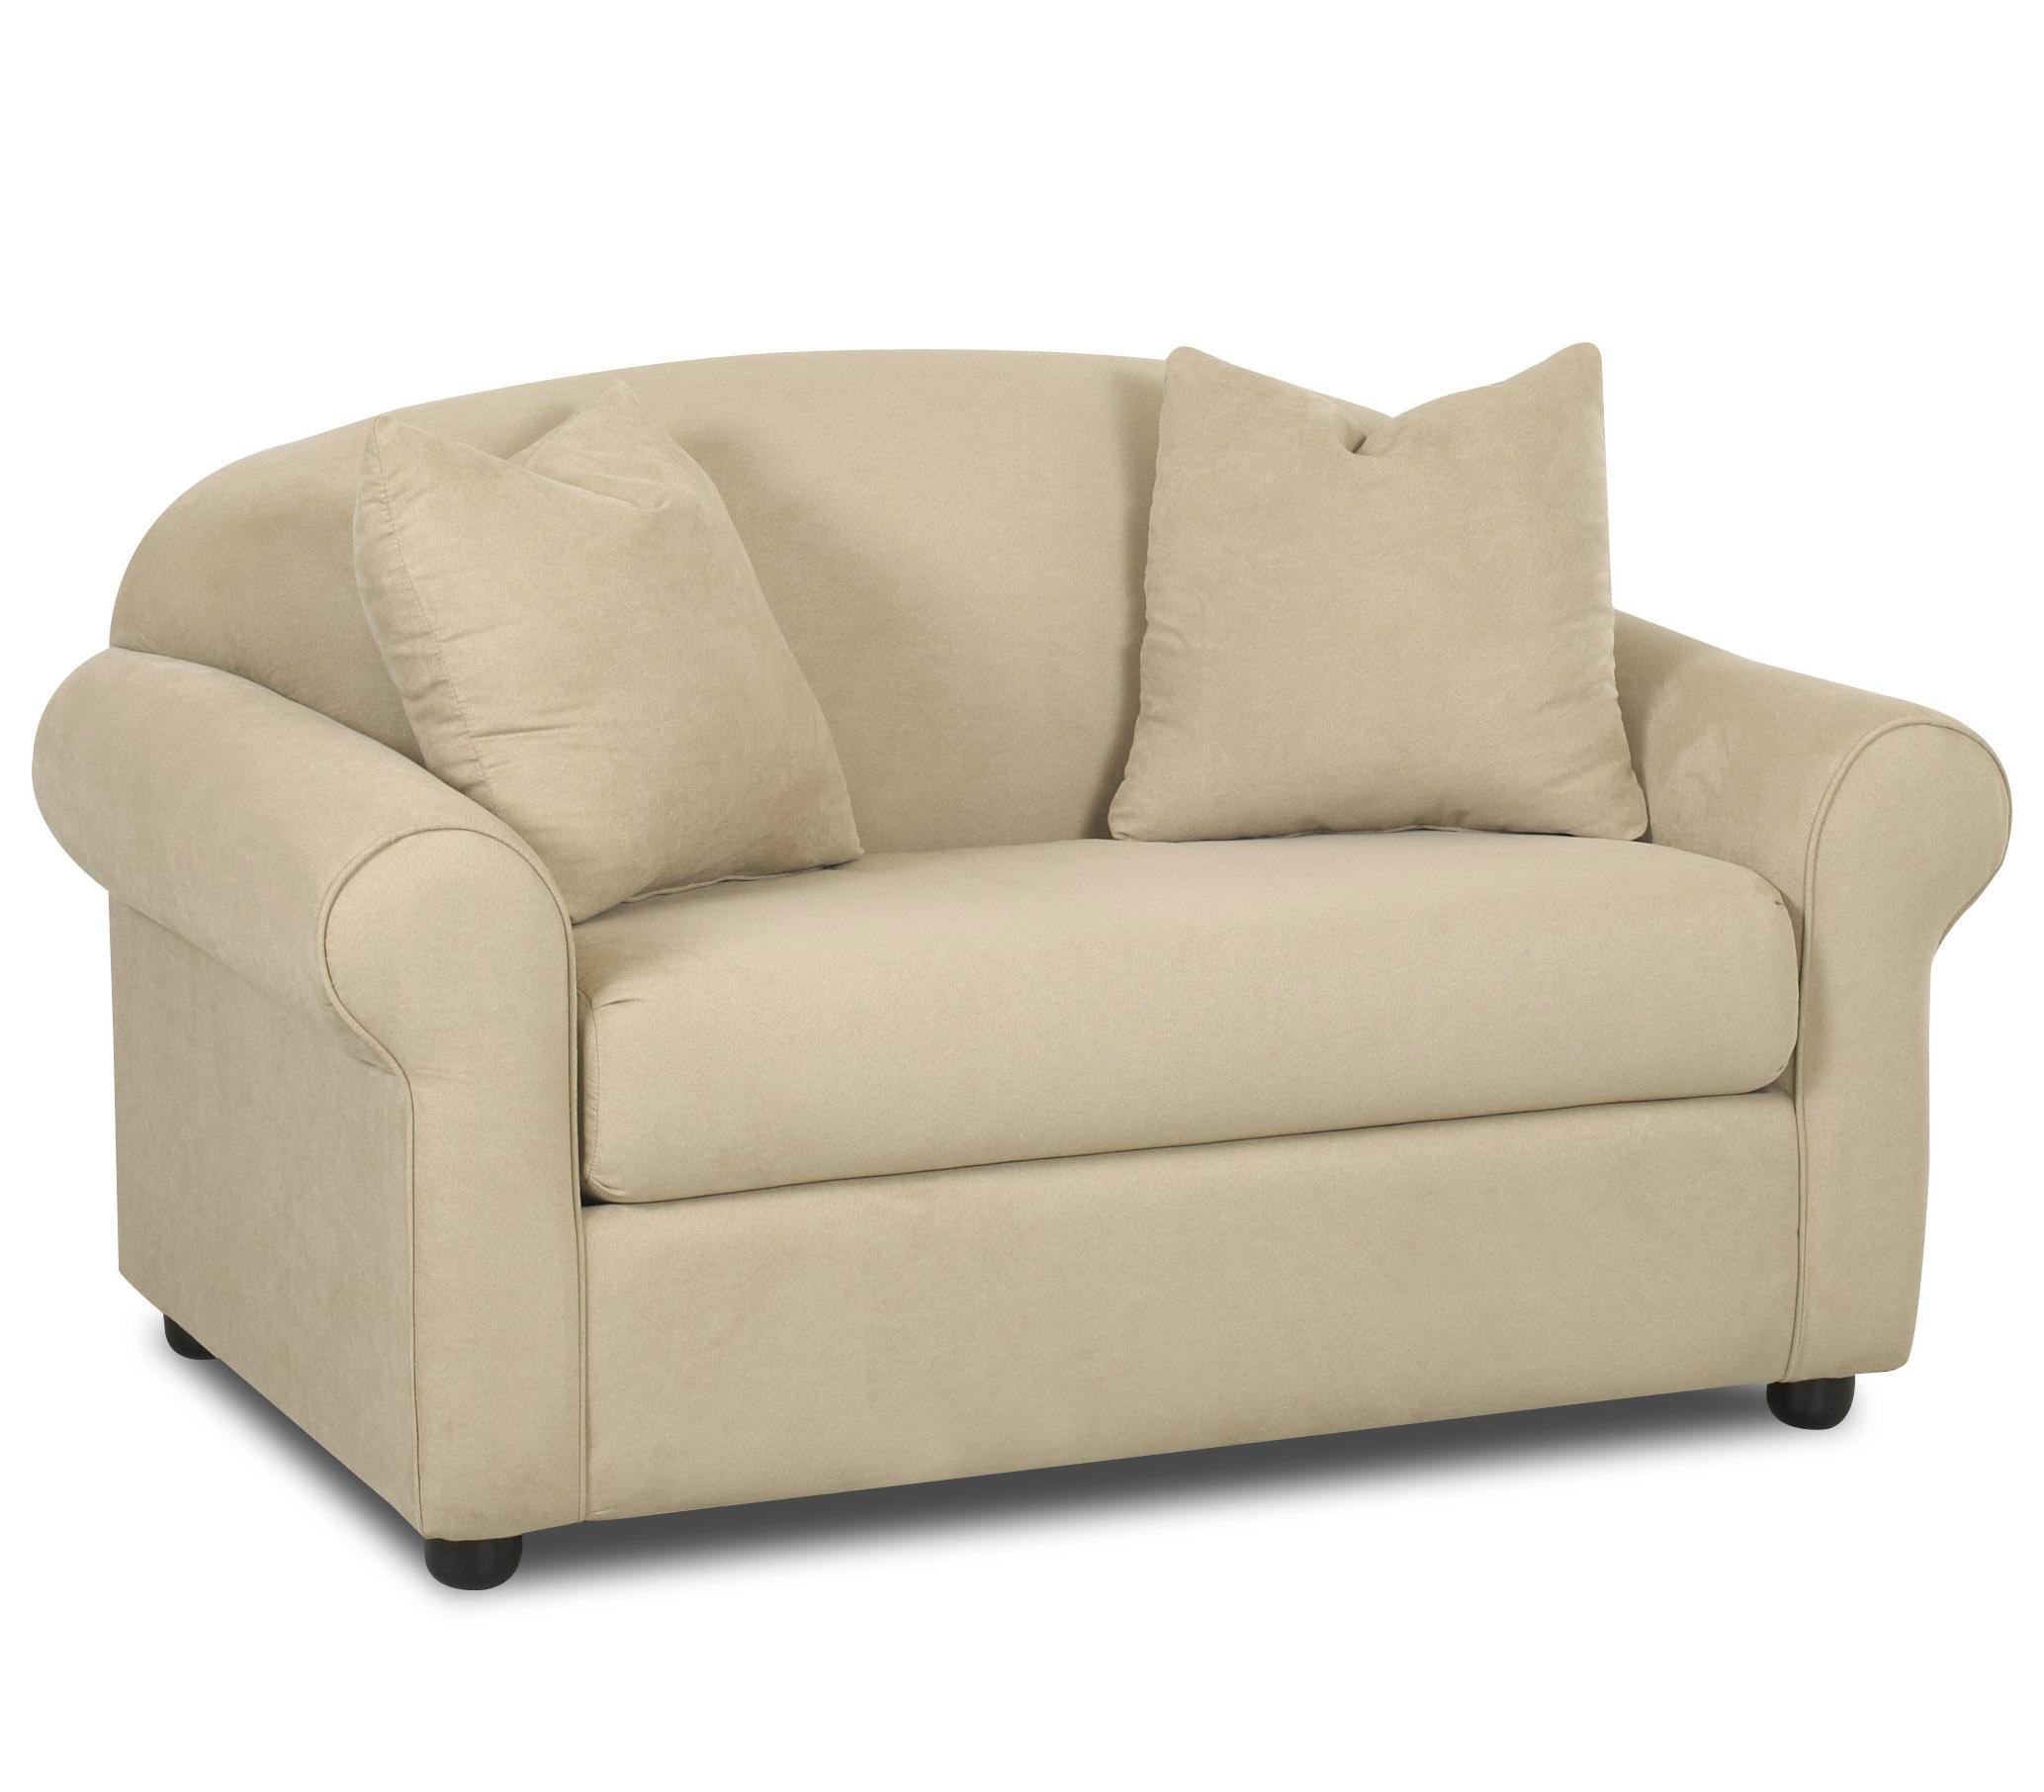 Klaussner Possibilities Innerspring Chair Sleeper Darvin